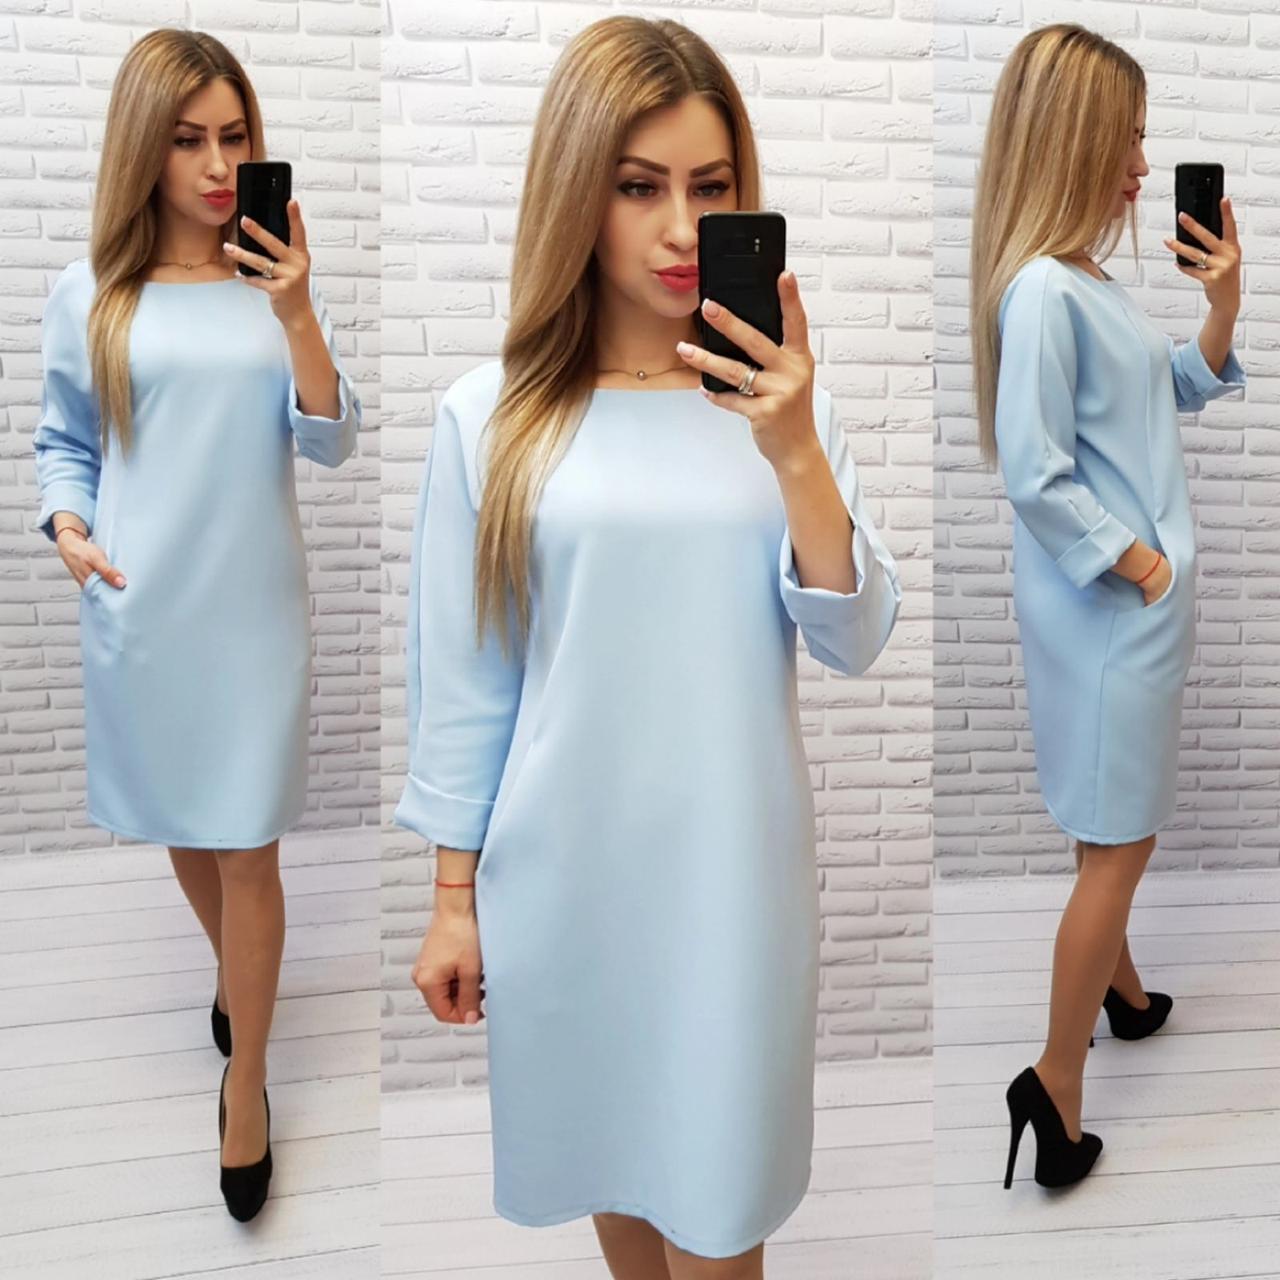 Платье женское, модель 772 голубой / голубое / голубого цвета / нежно-голубой